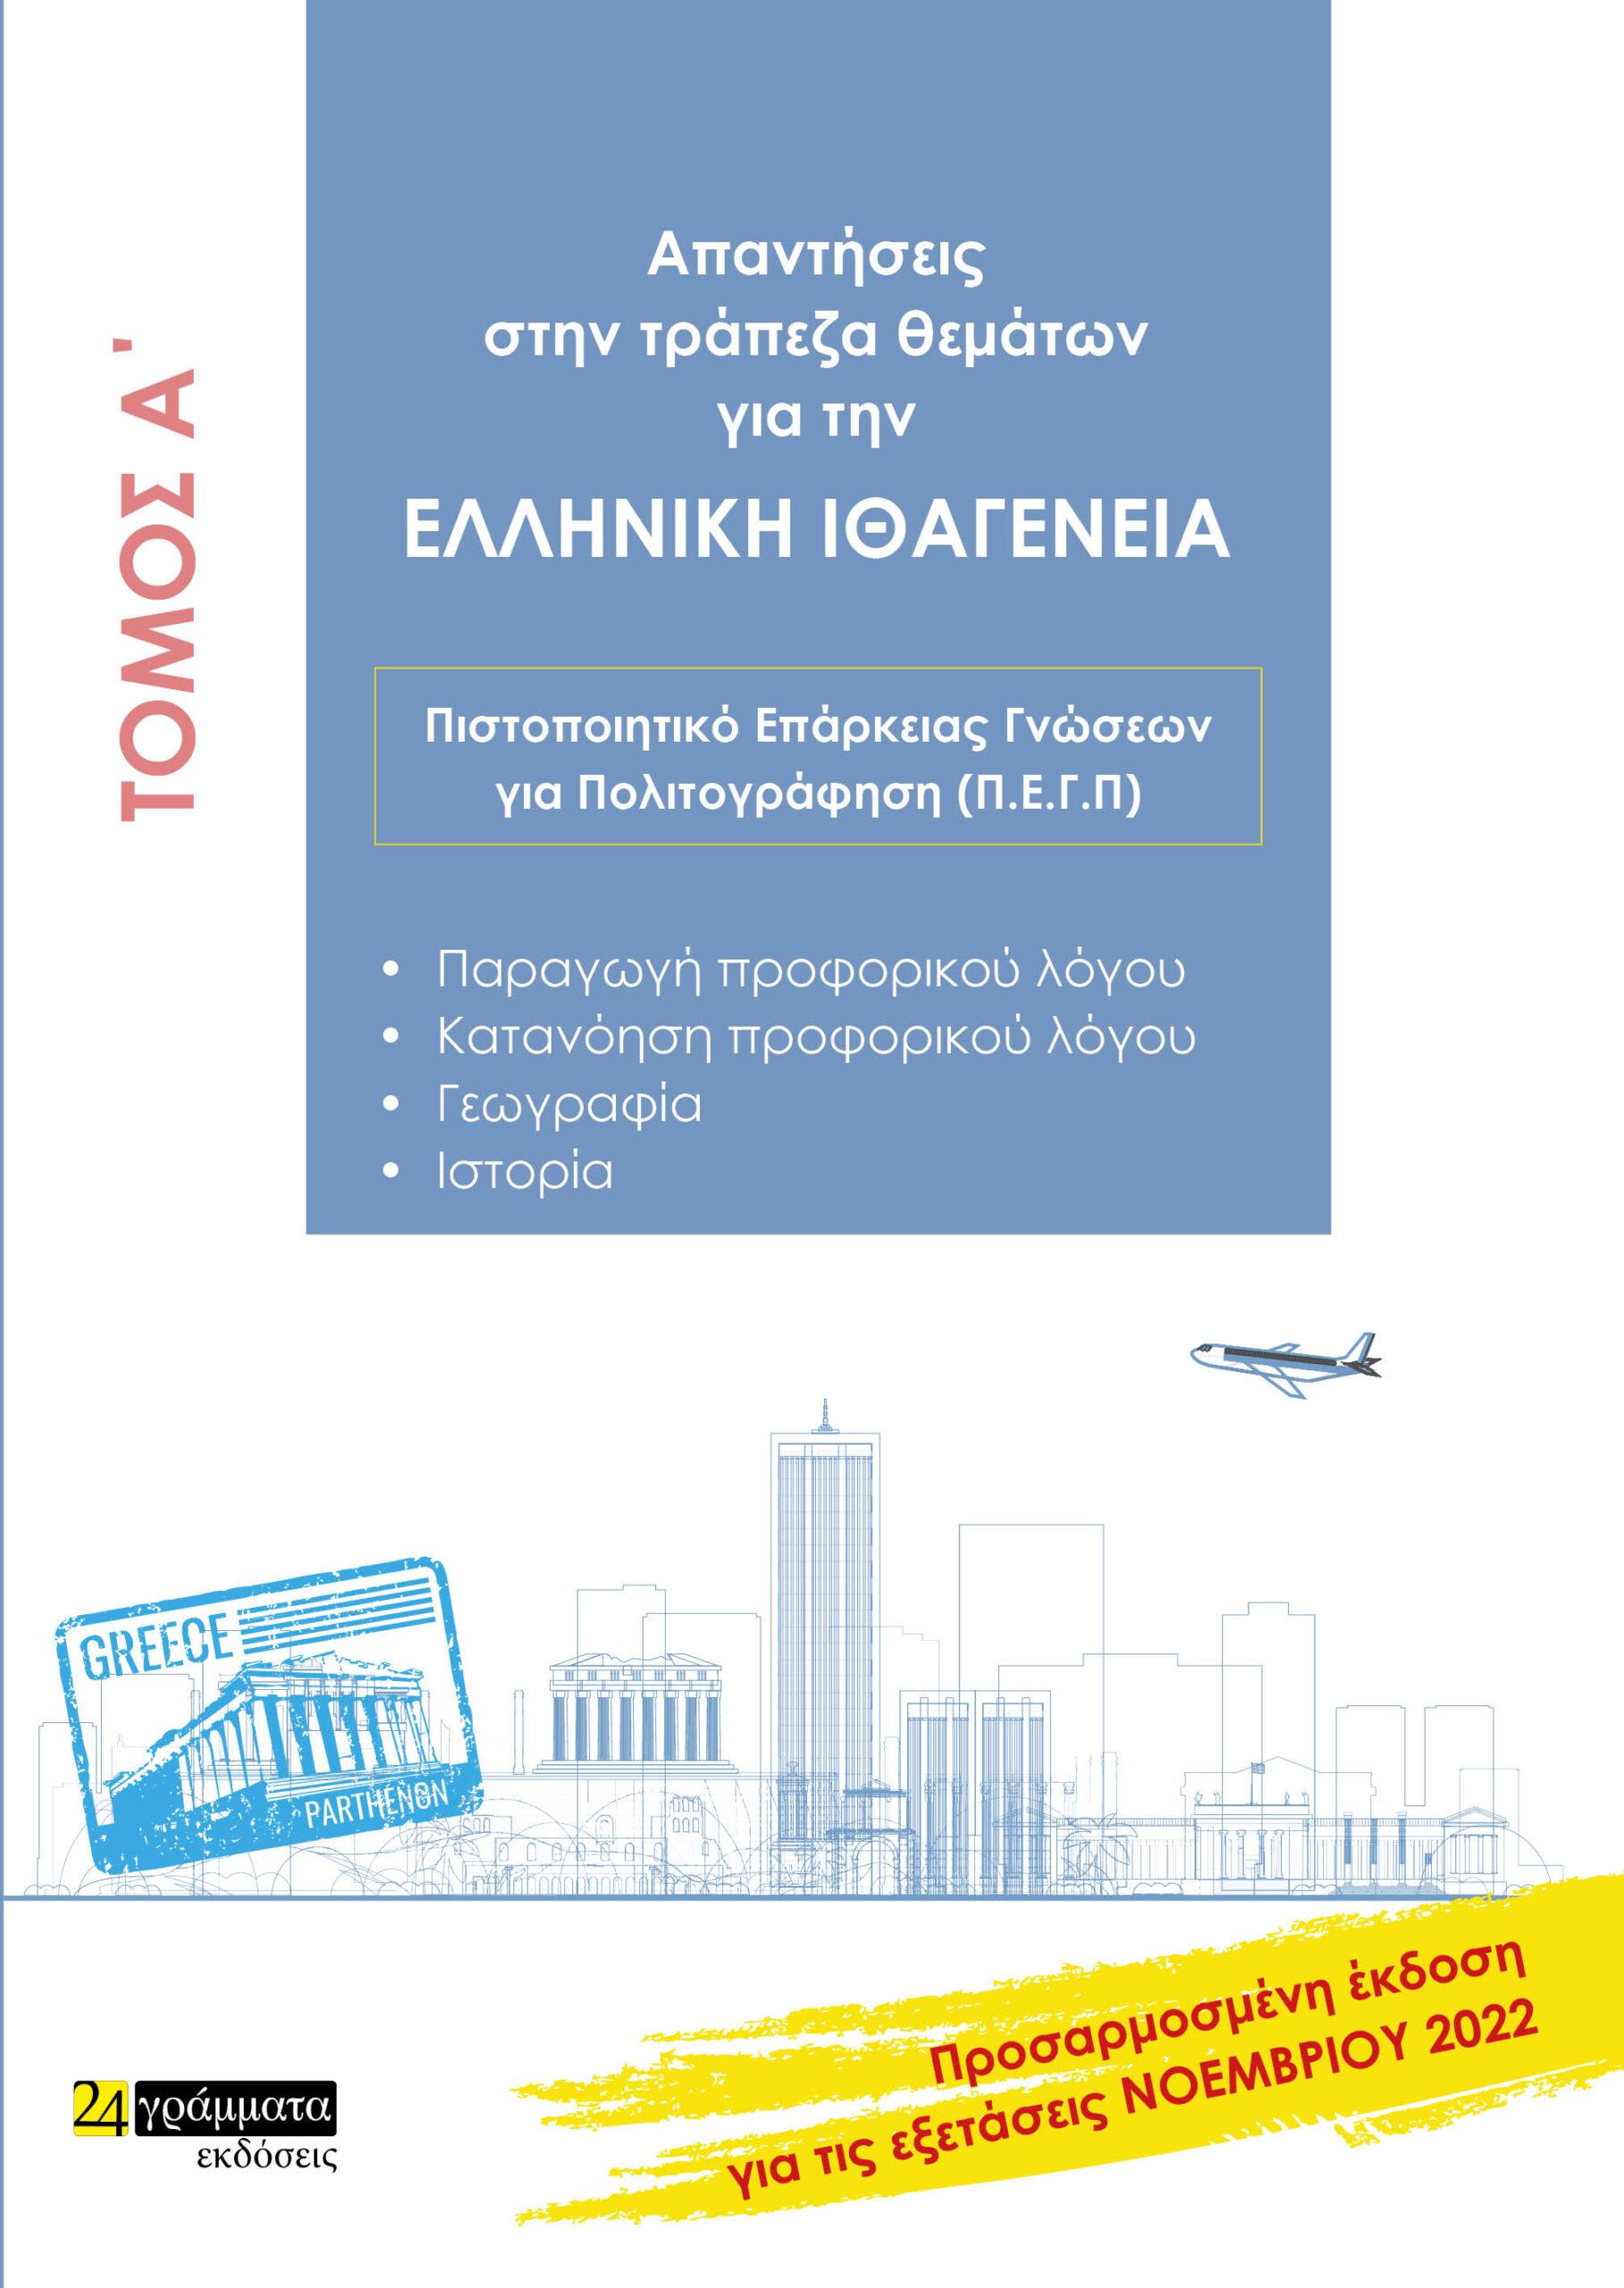 Απαντήσεις στην τράπεζα θεμάτων για την ελληνική ιθαγένεια. Τόμος Α΄